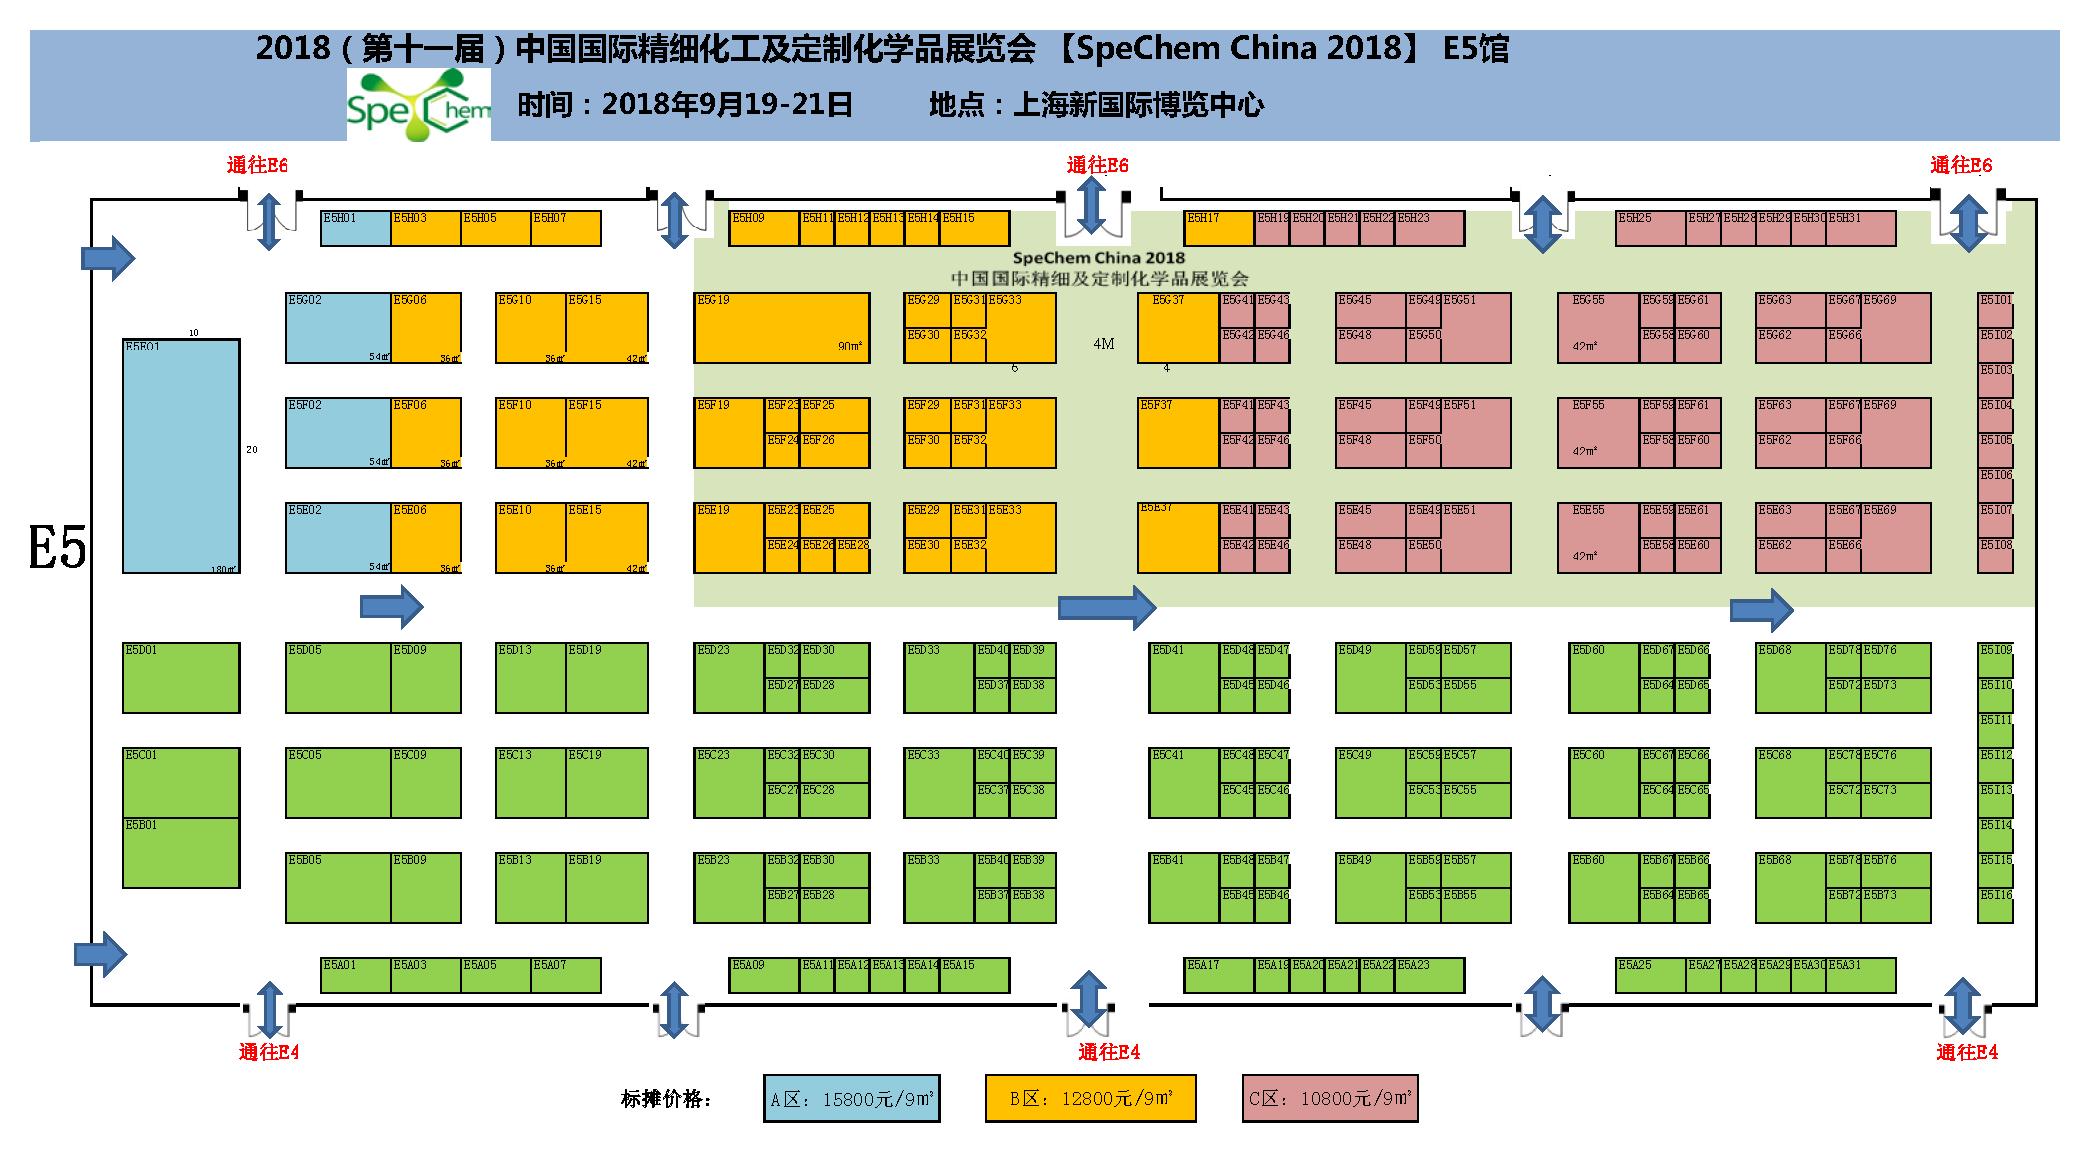 精细化工展展位图.png